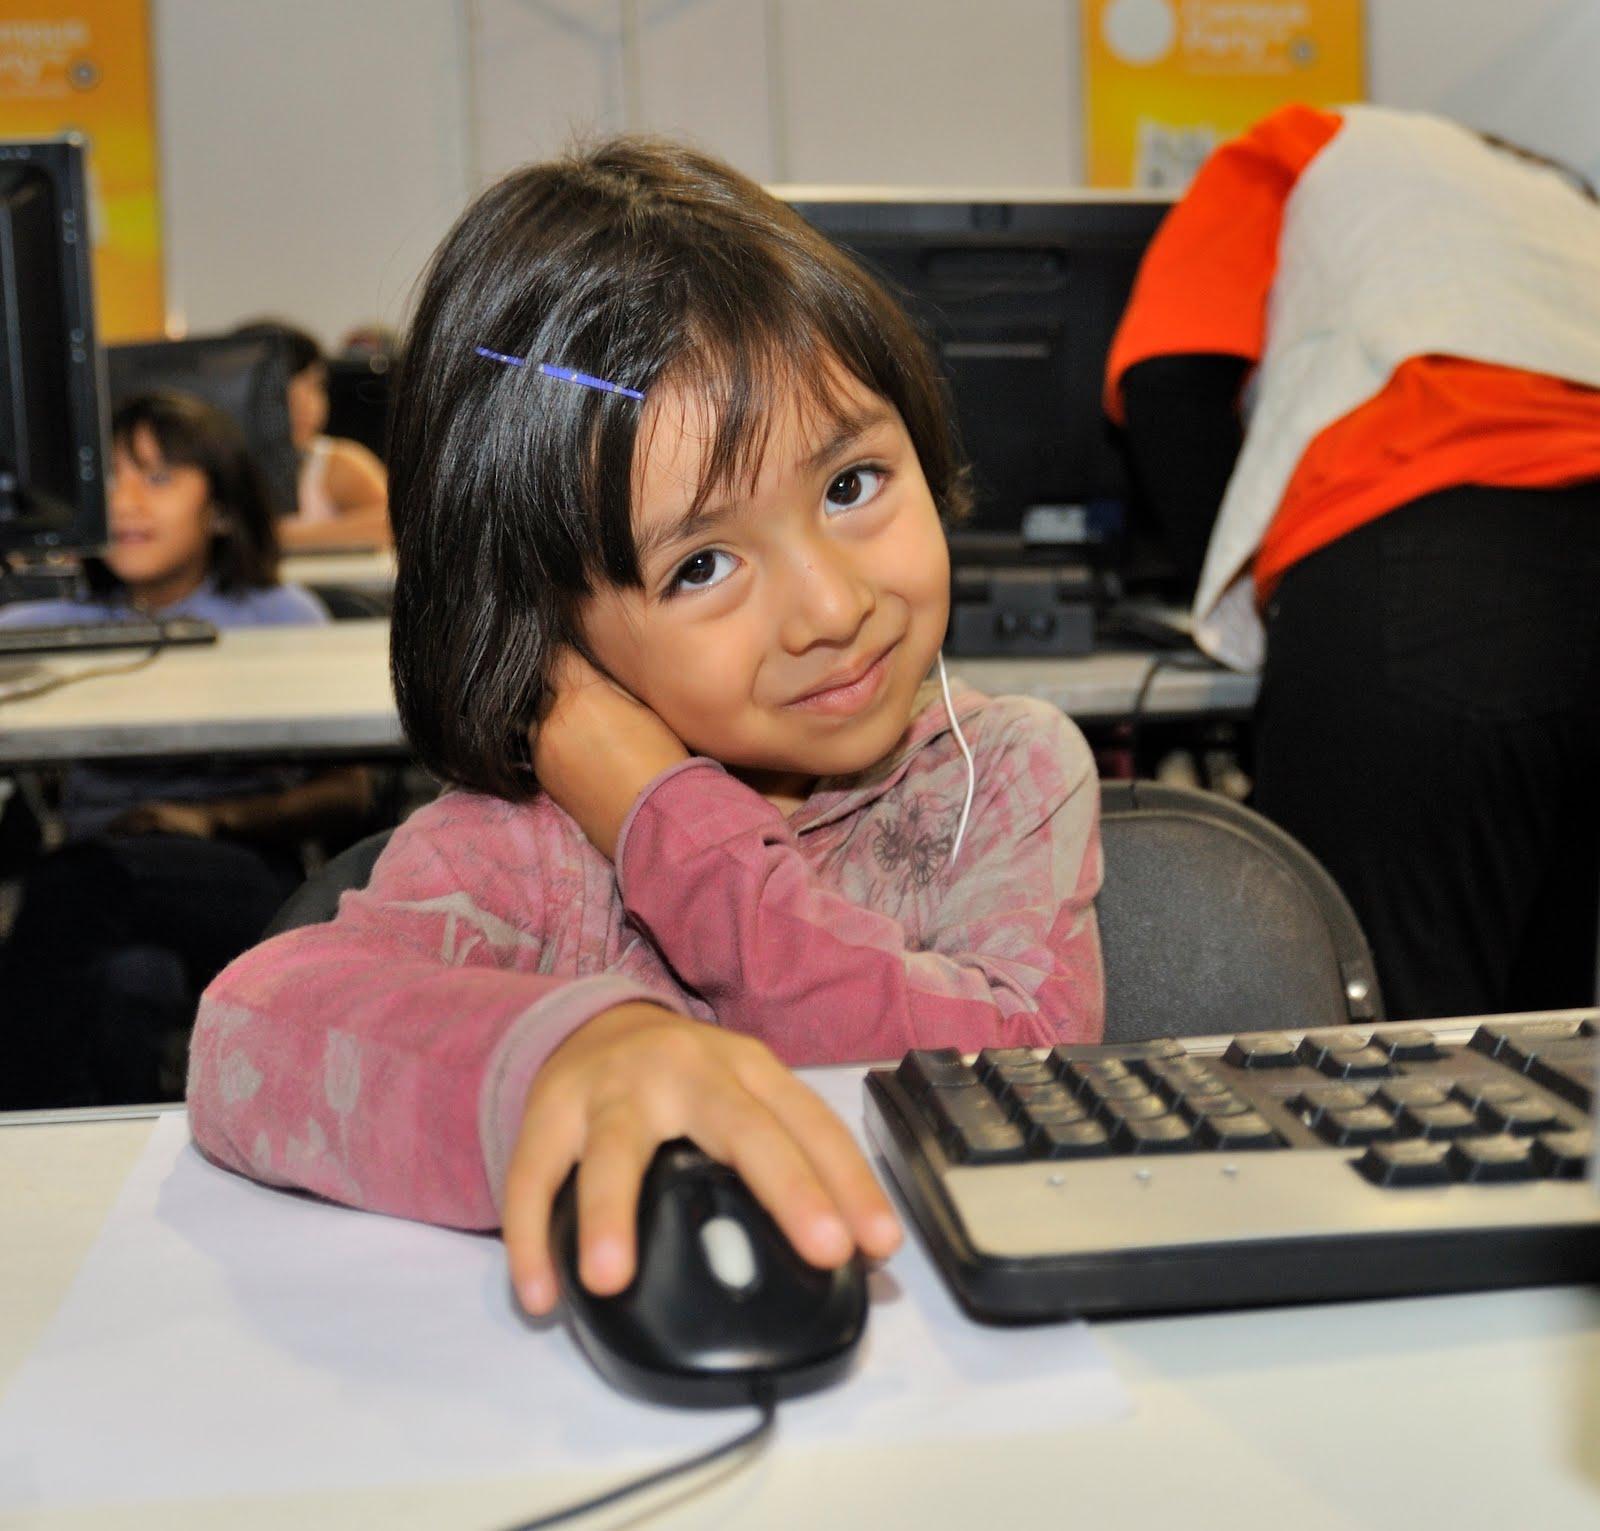 niña computador